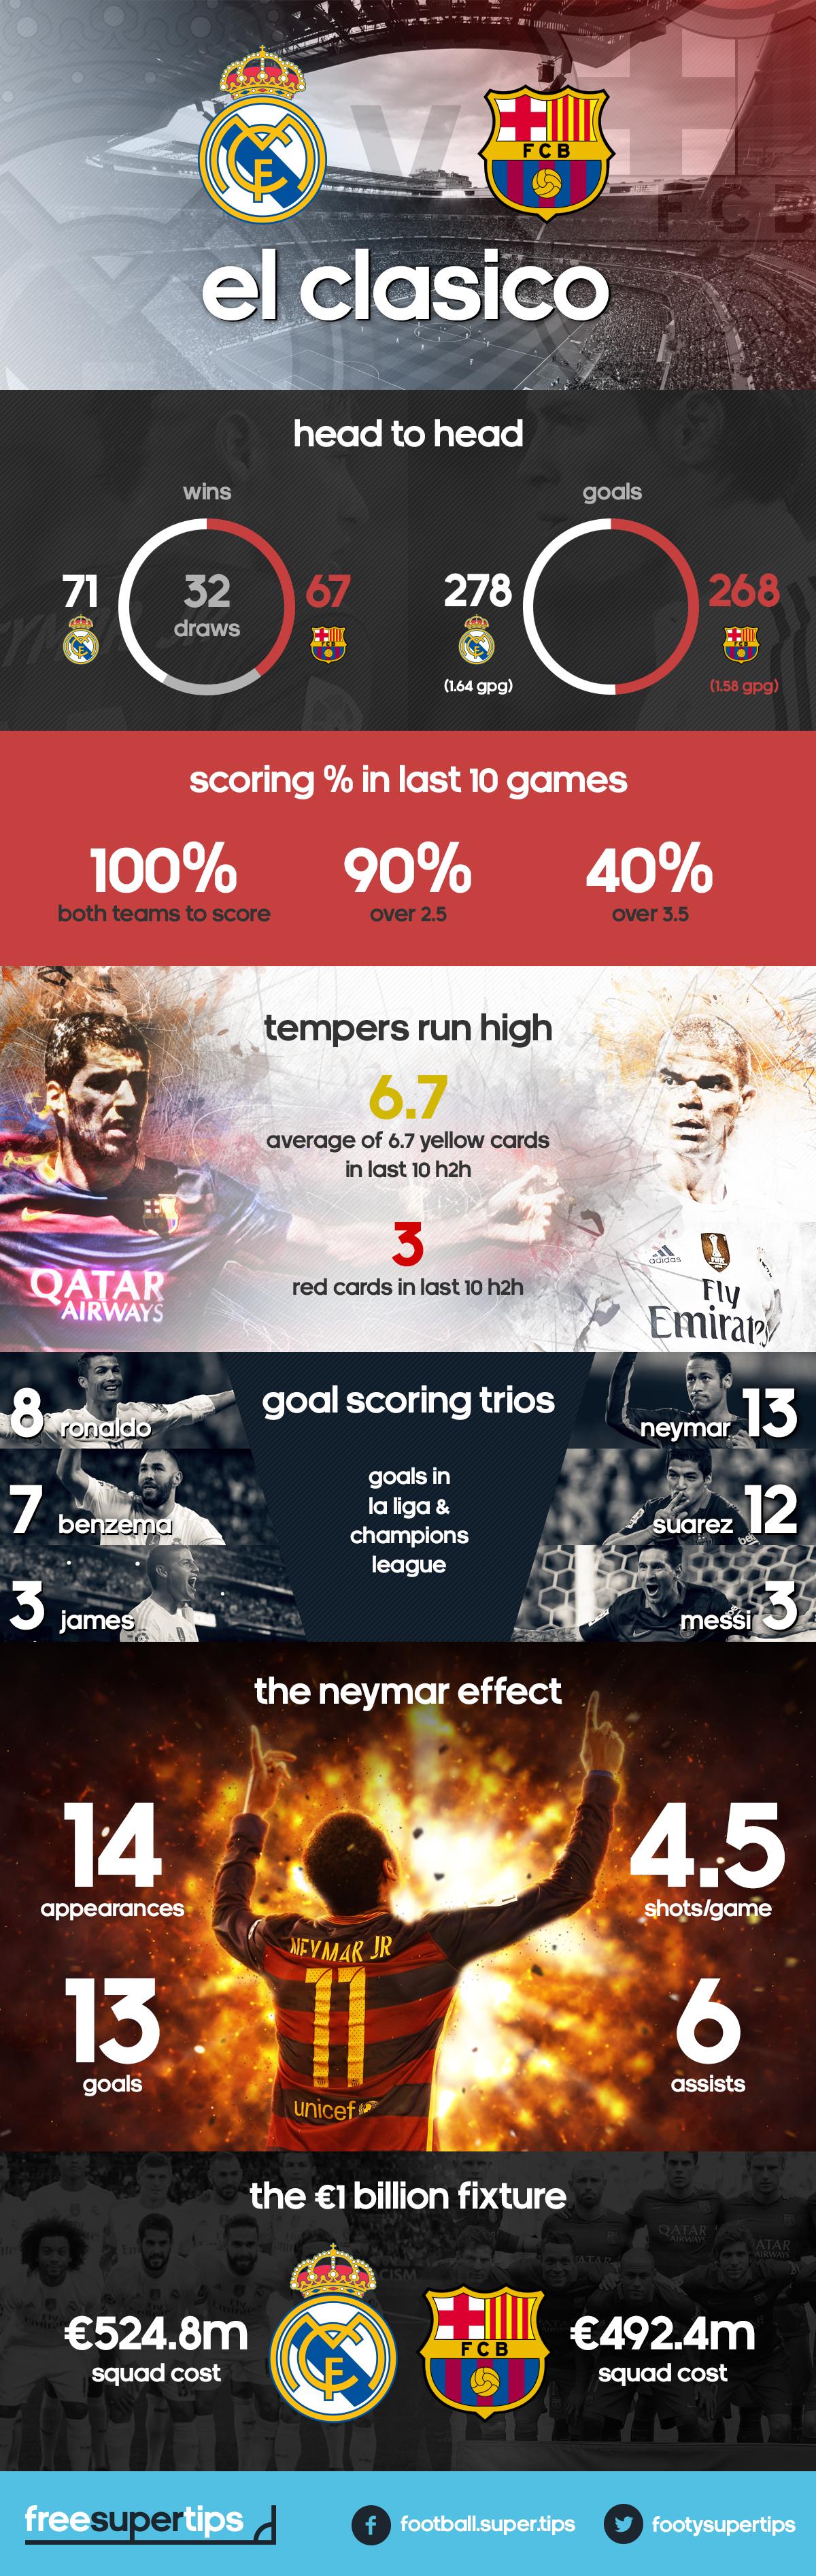 infographic_elclasico